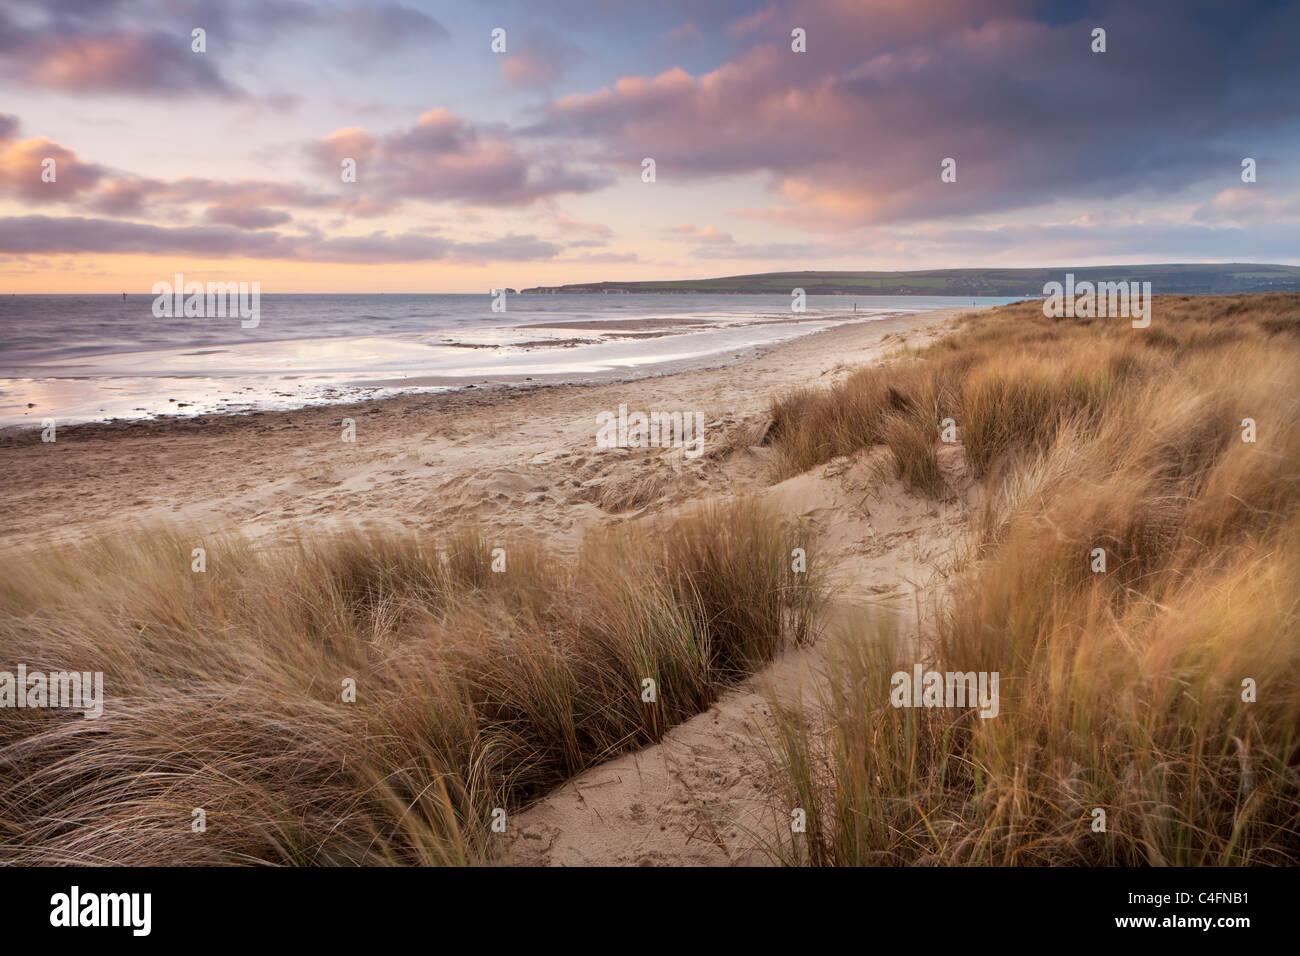 Dunes de sable balayées par le vent sur la plage de Studland Bay, Dorset, Angleterre. L'hiver (février) Photo Stock